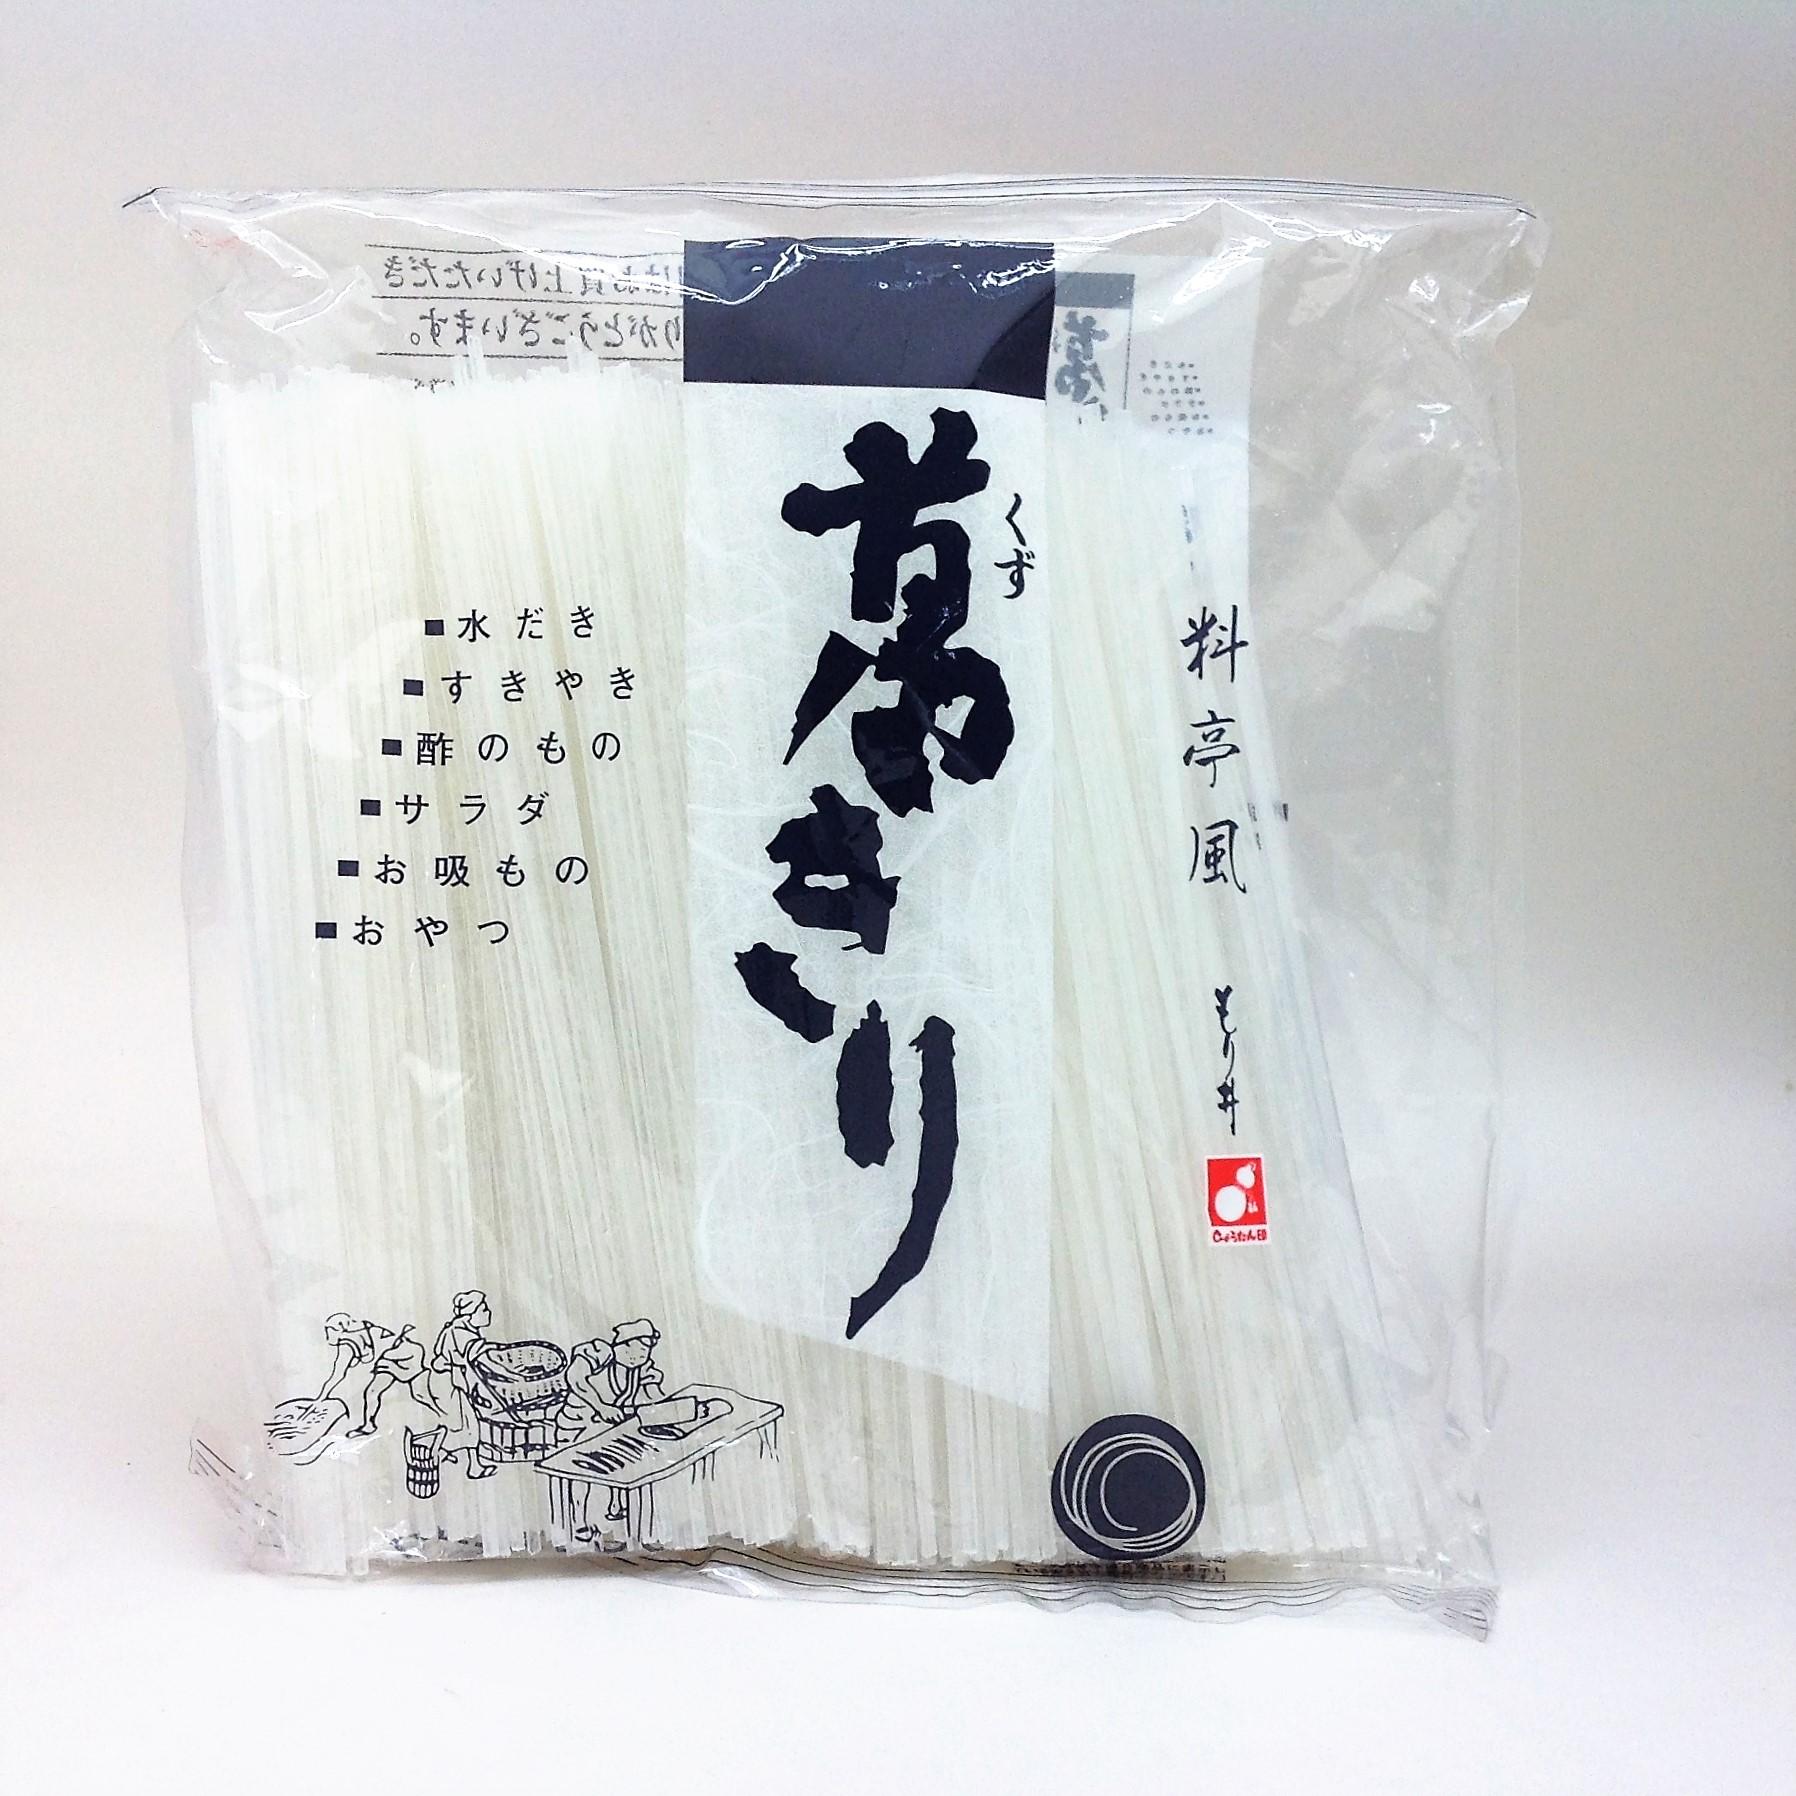 【橘町五丁目】森井日本葛切冬粉-500g